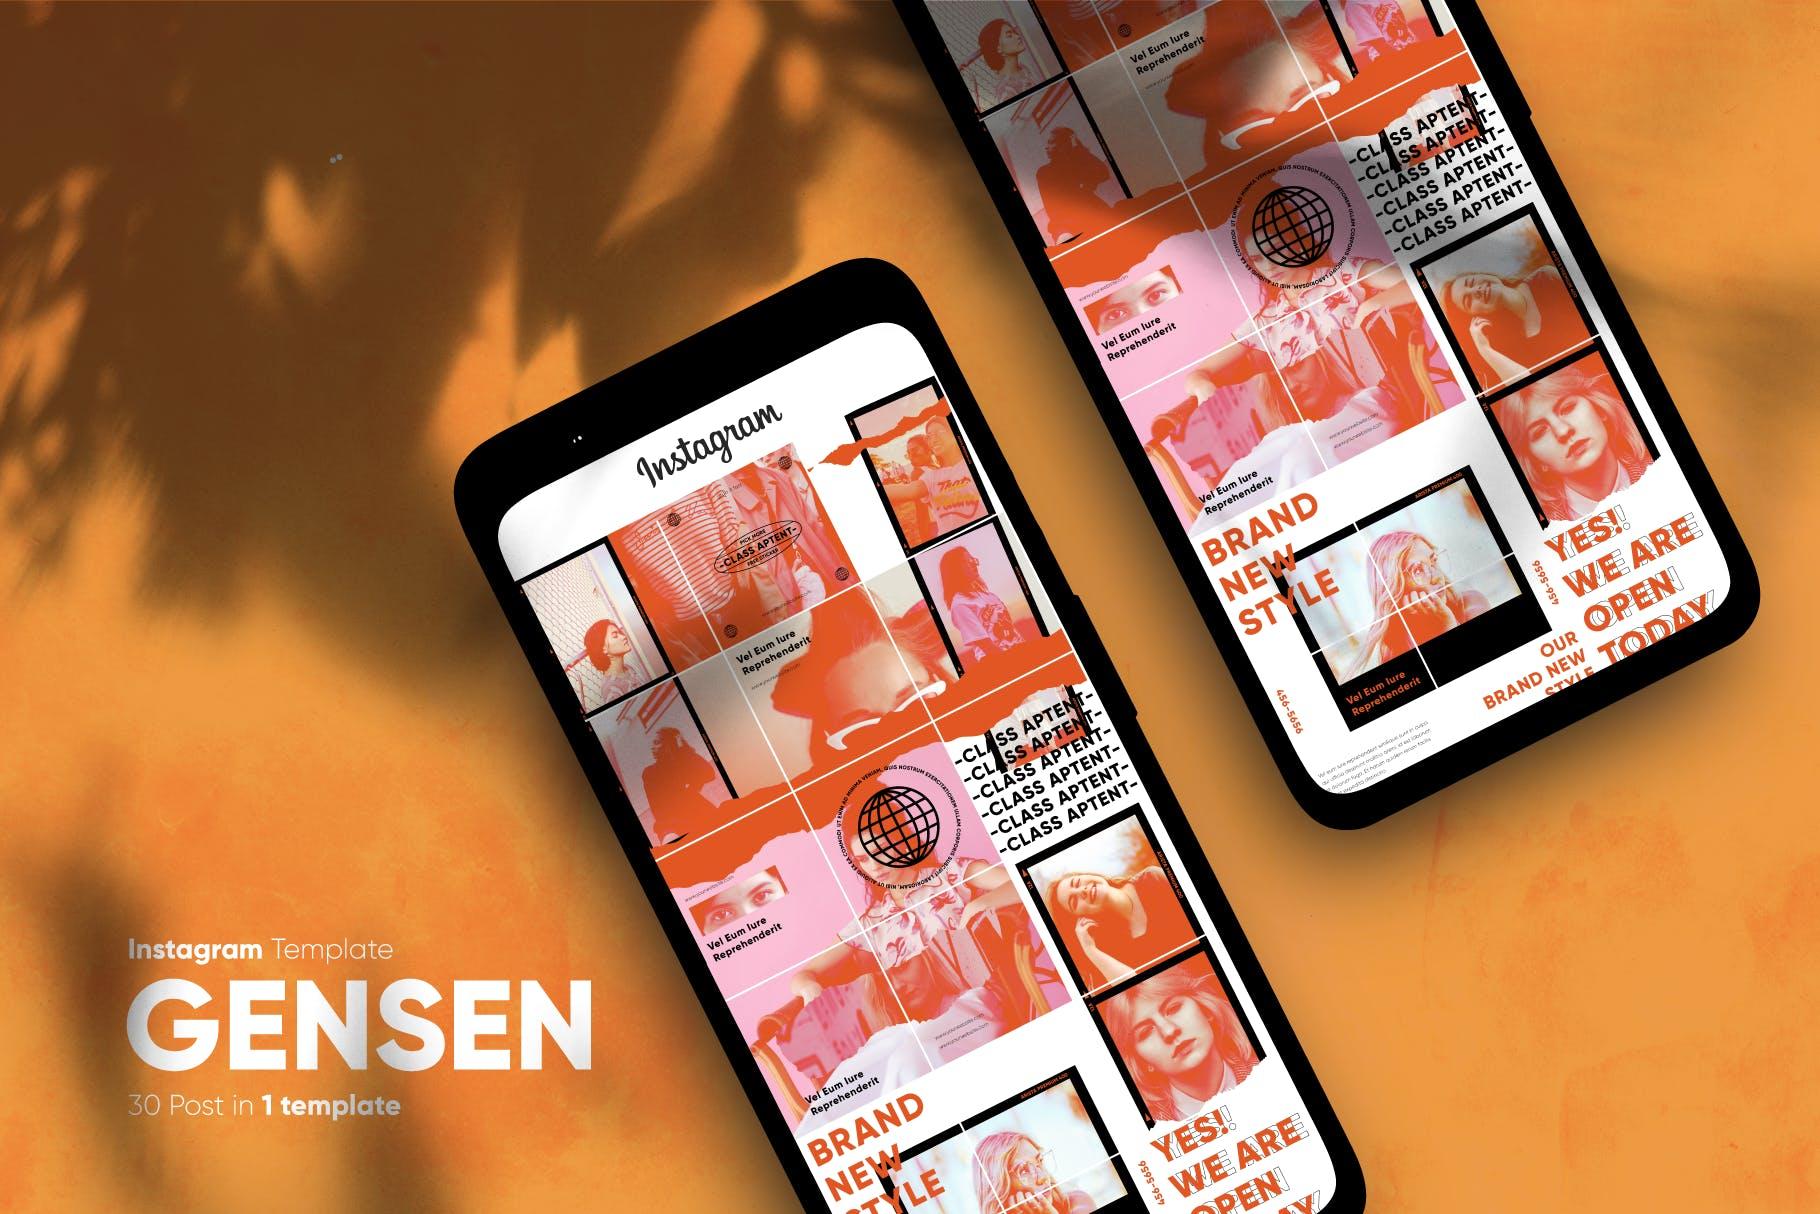 现代拼图效果新媒体推广电商海报设计模板 Gensen – Instagram Puzzle Template插图(5)